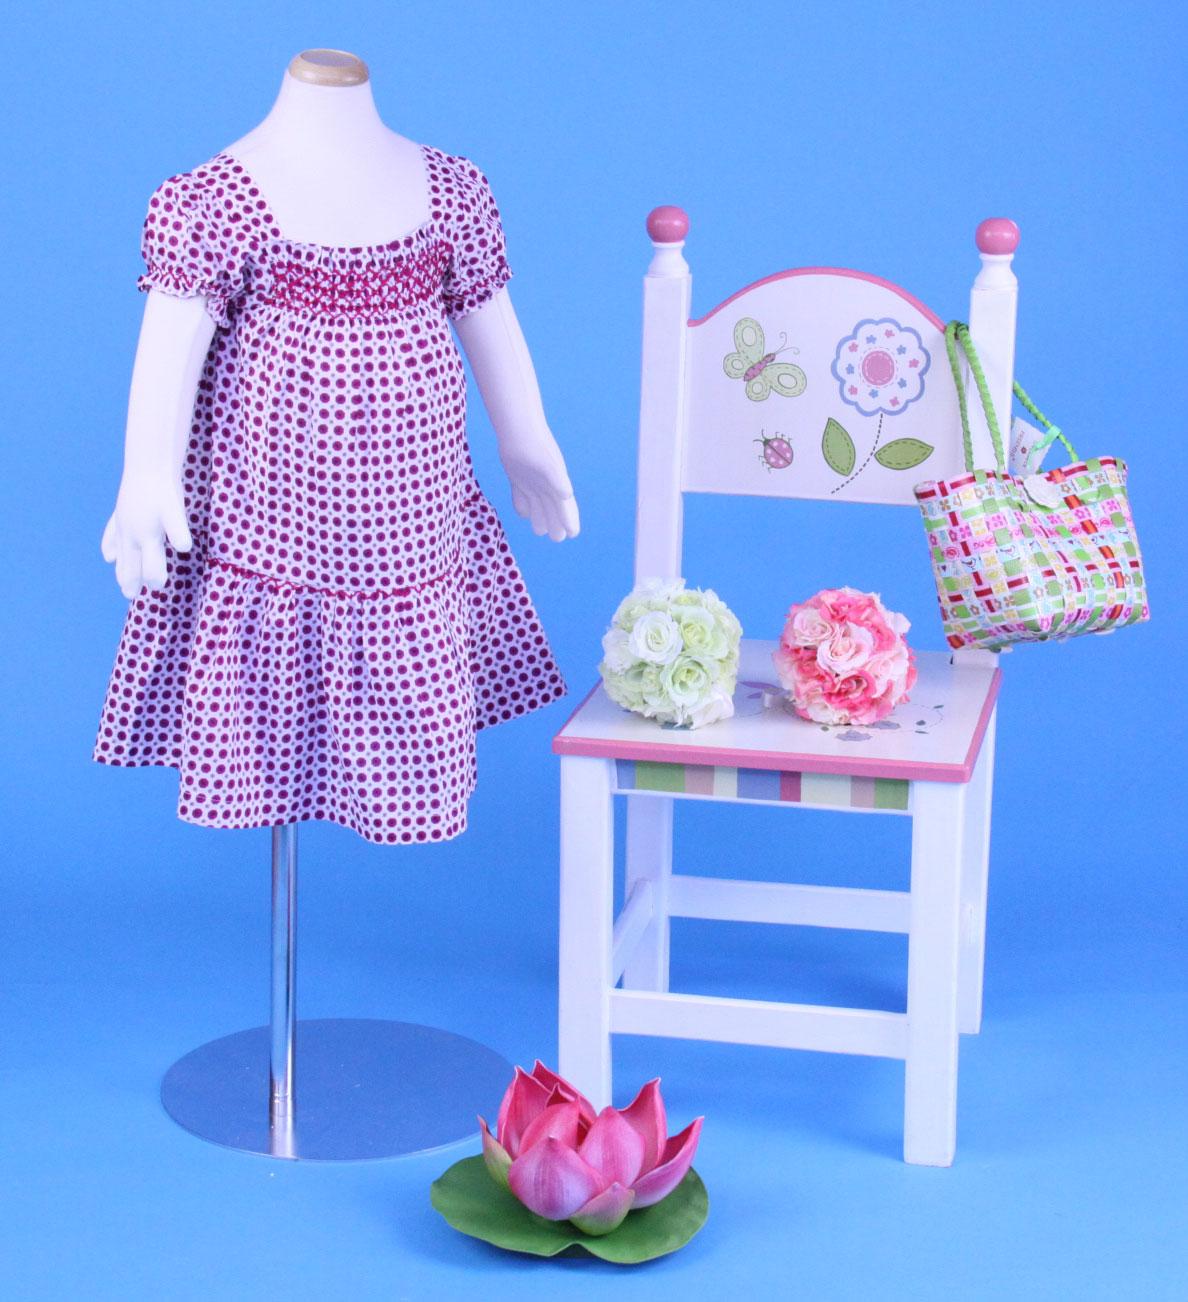 【SALE】 在庫処分 激安 輸入子供服 ベトナムししゅう☆花柄パフスリーブスモックワンピース☆